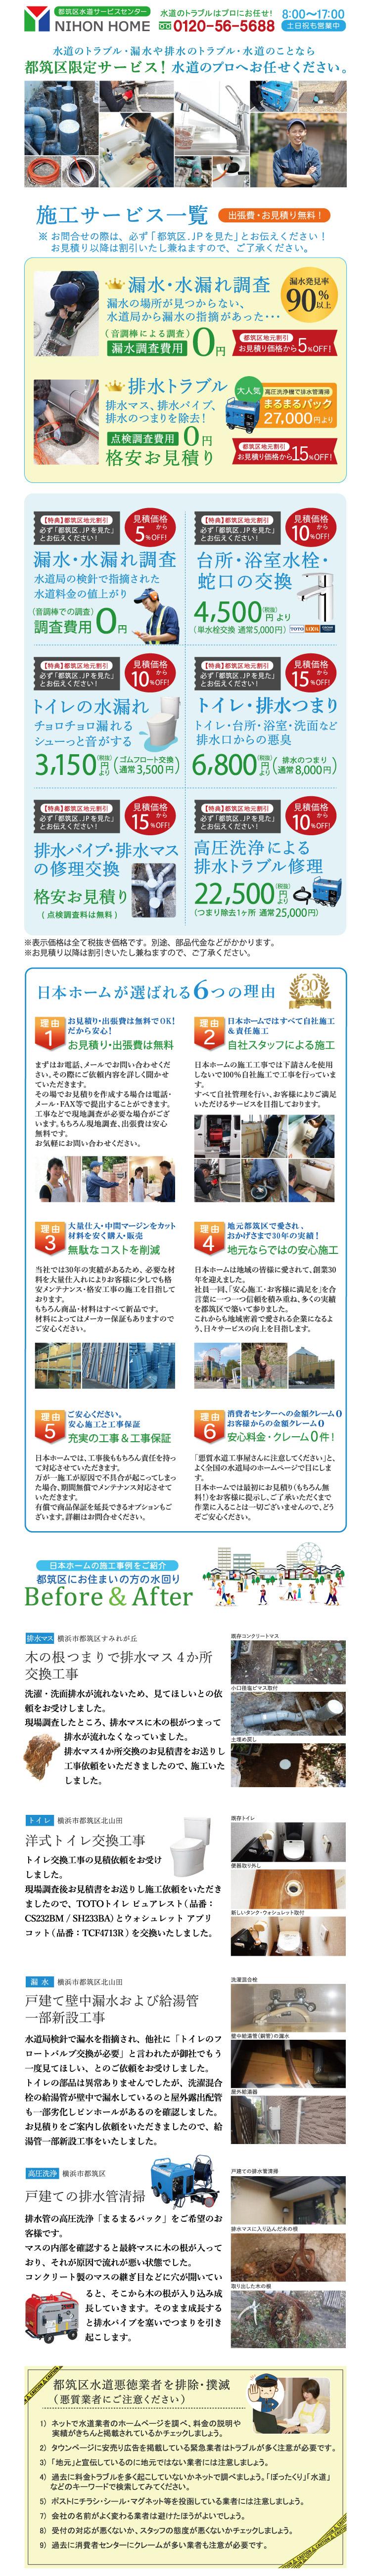 株式会社日本ホーム